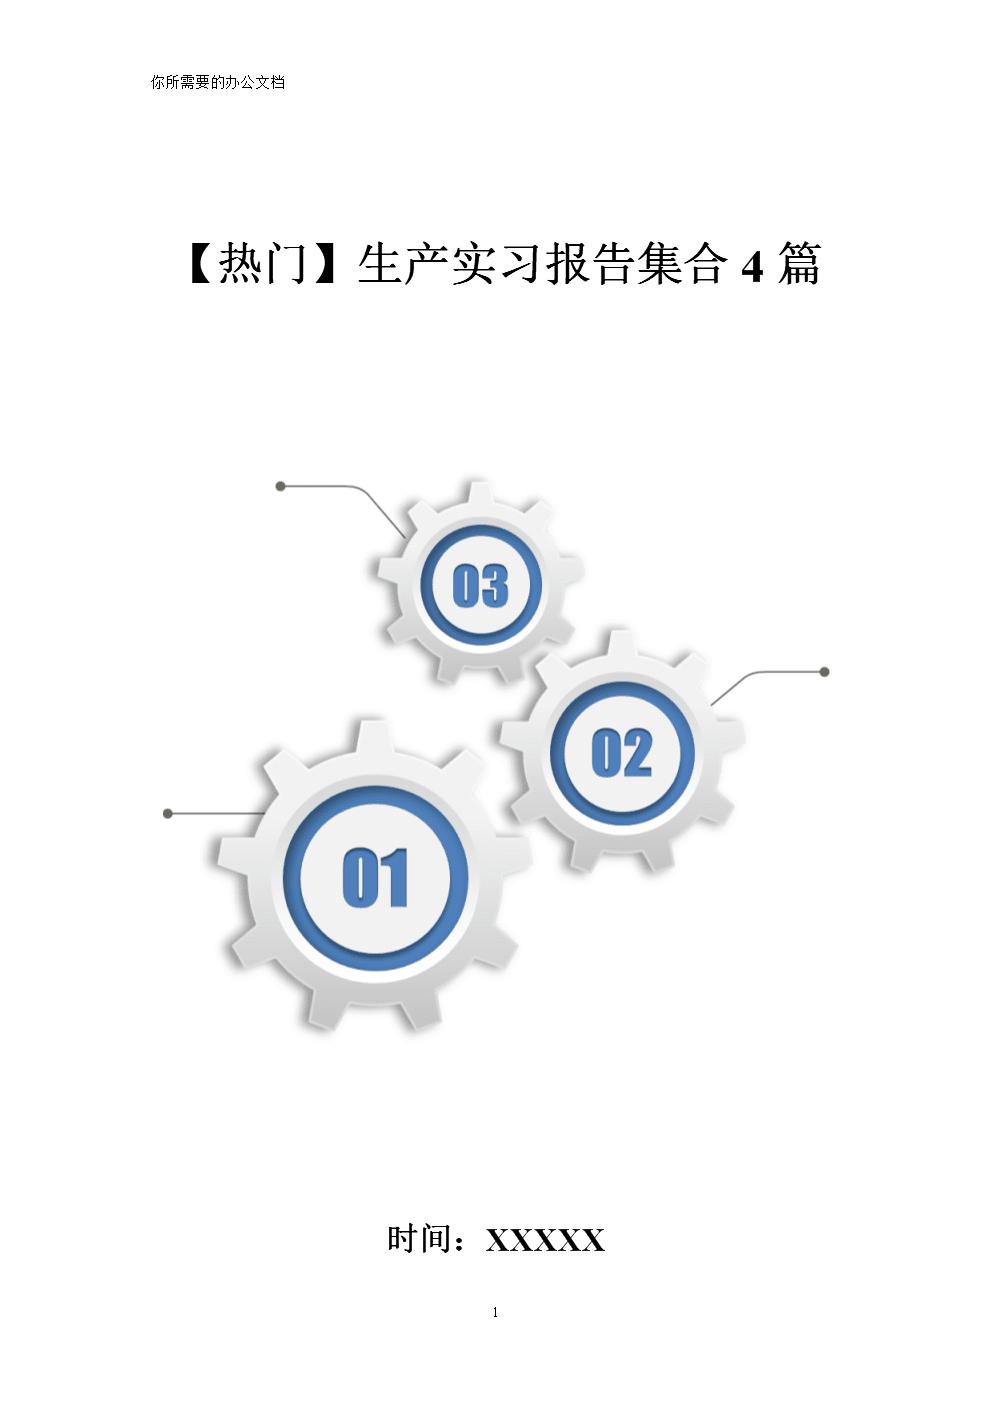 【热门】生产实习报告集合4篇.doc